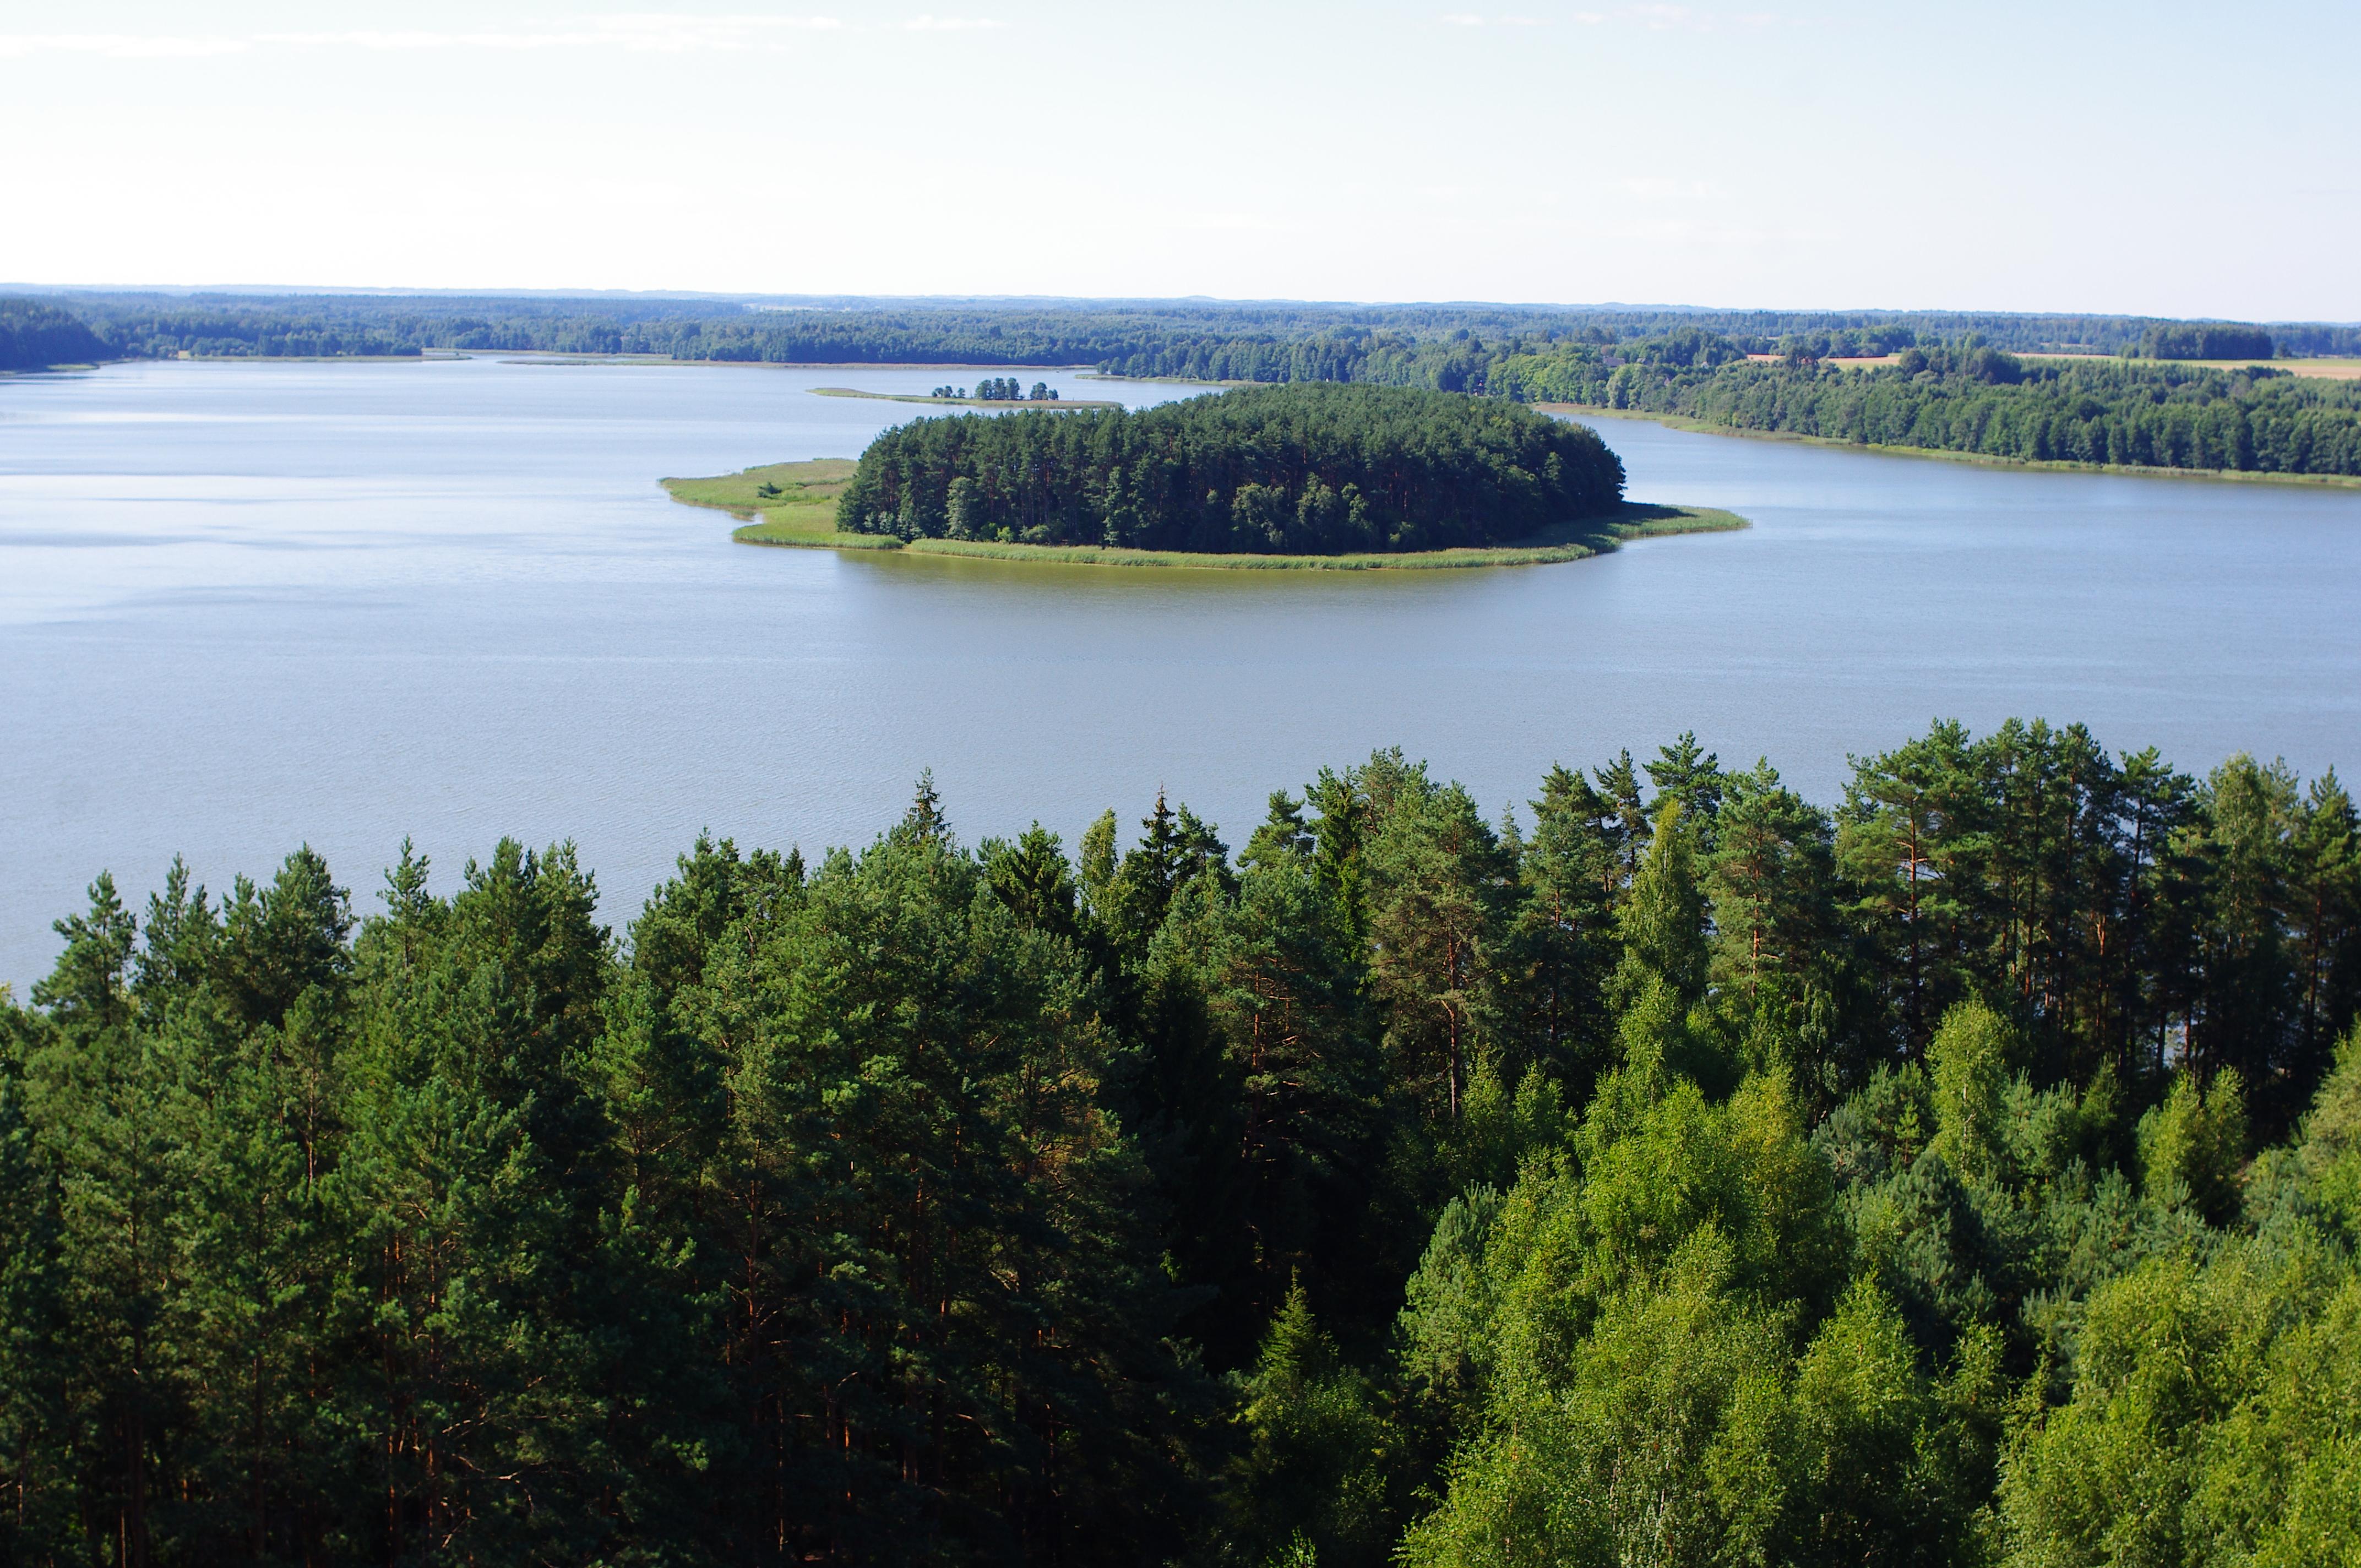 Įdomiausios vietos Lietuvoje (1 dalis)